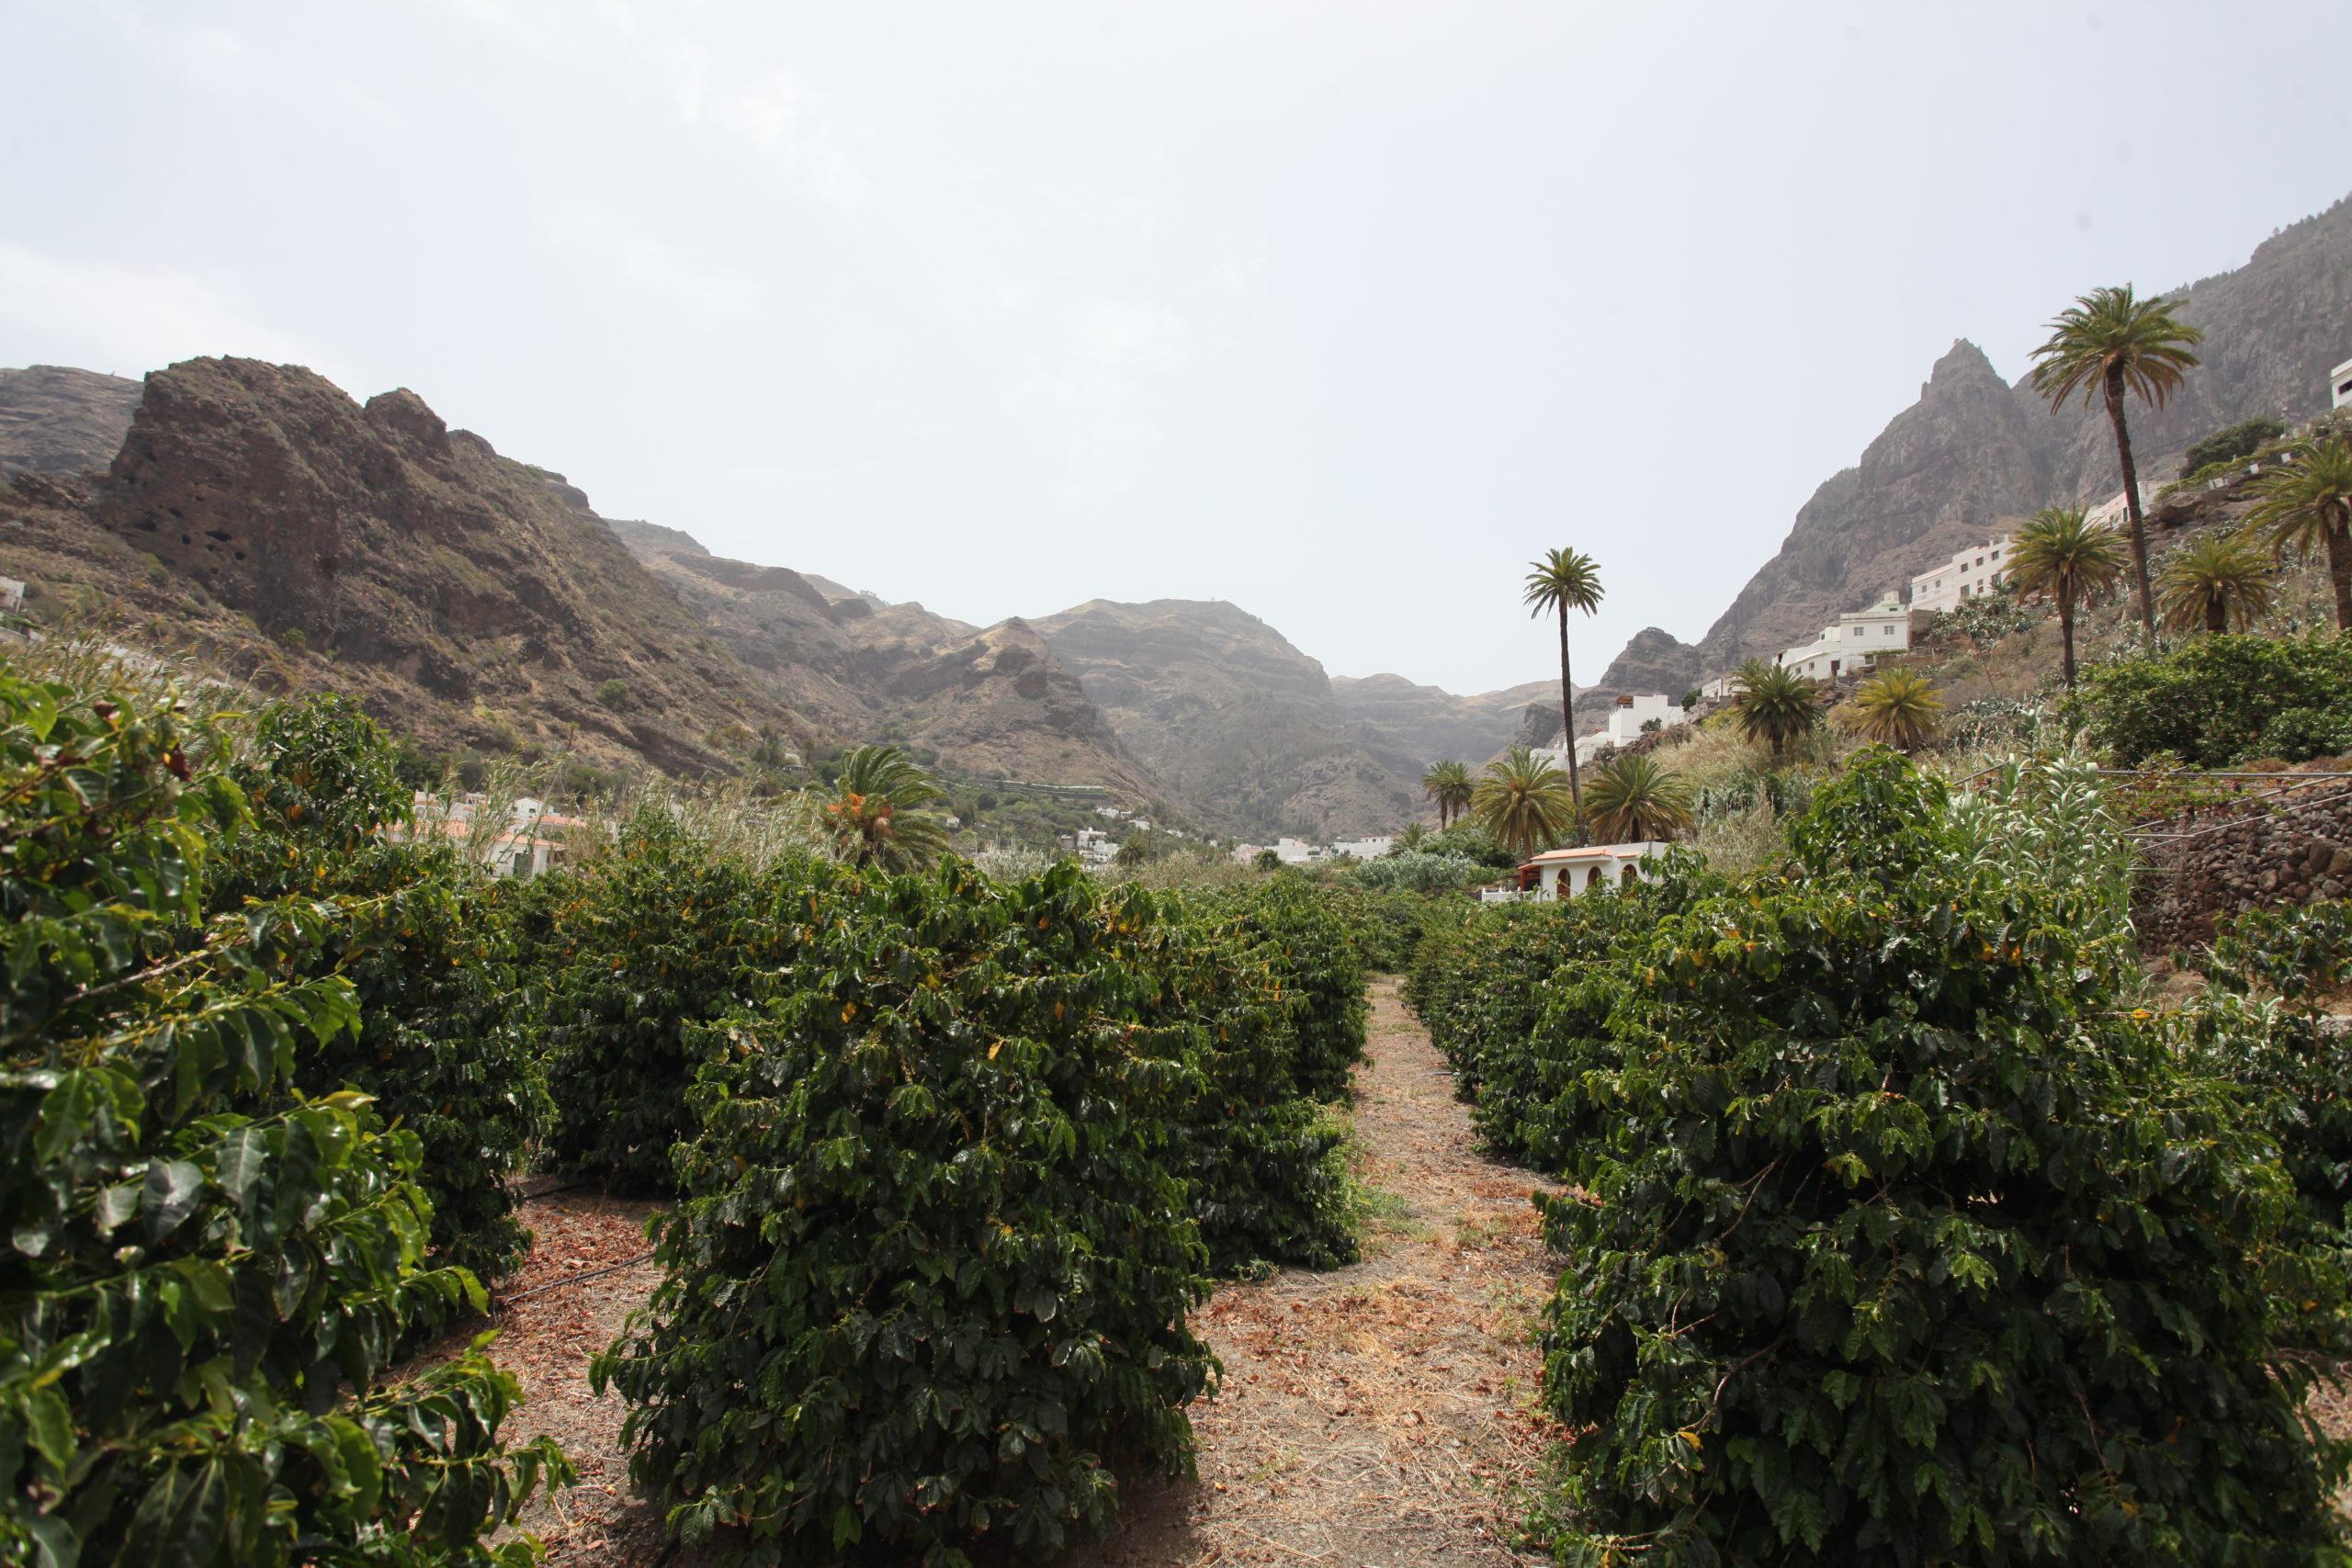 Überblick über die Kaffeeplantage in Agaete